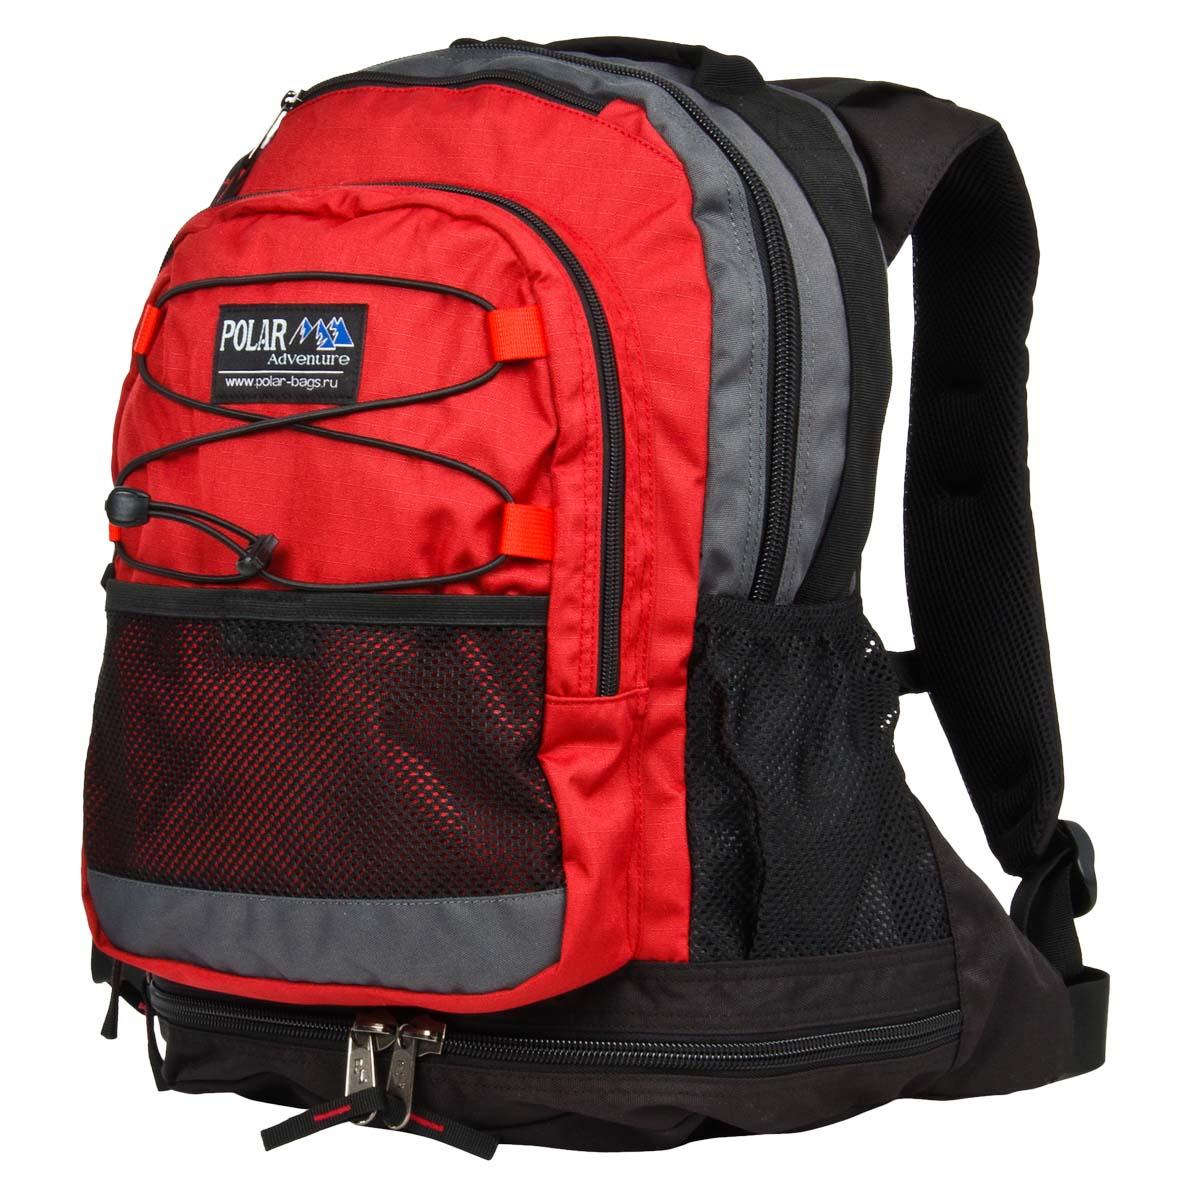 Рюкзак городской Polar, цвет: бордовый, 25 л. П178-14 рюкзак городской polar 21 л цвет синий п955 04